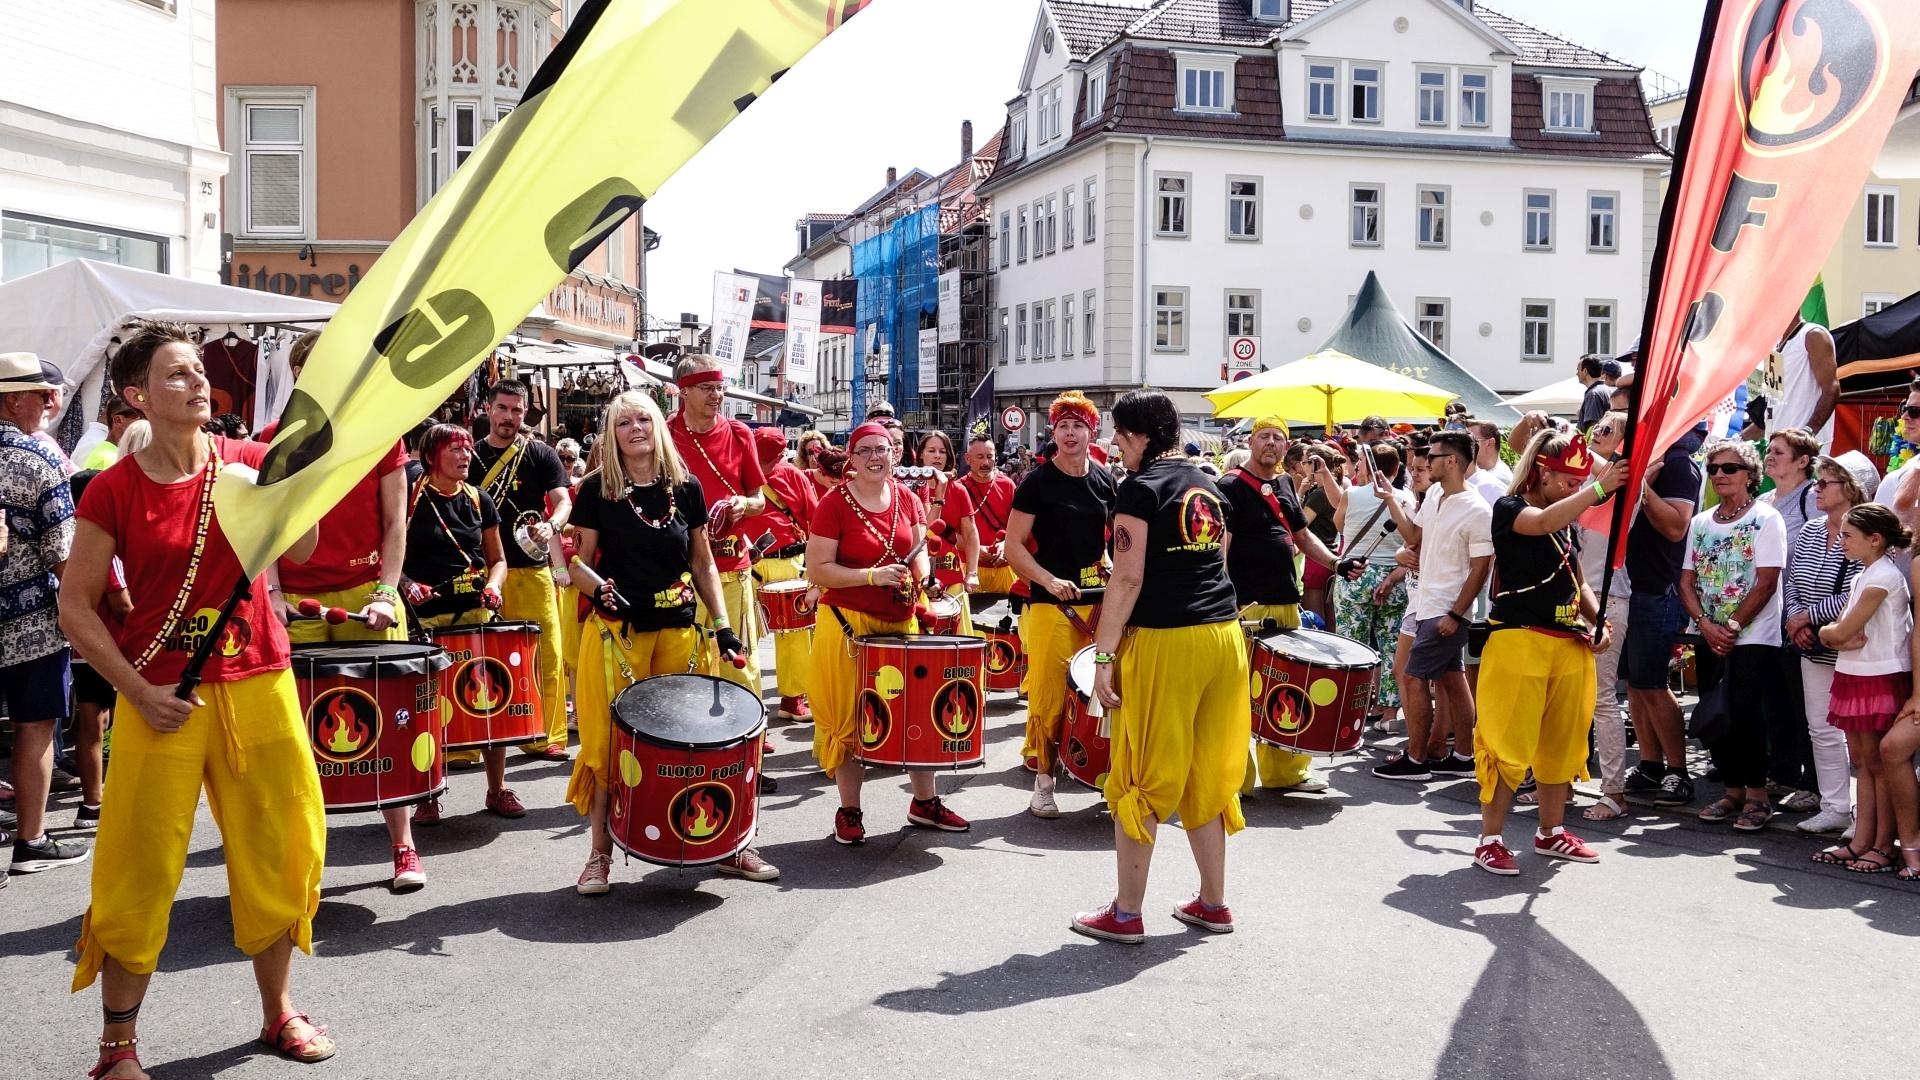 Samba Festival Coburg 2018 Foto & Bild   samba coburg